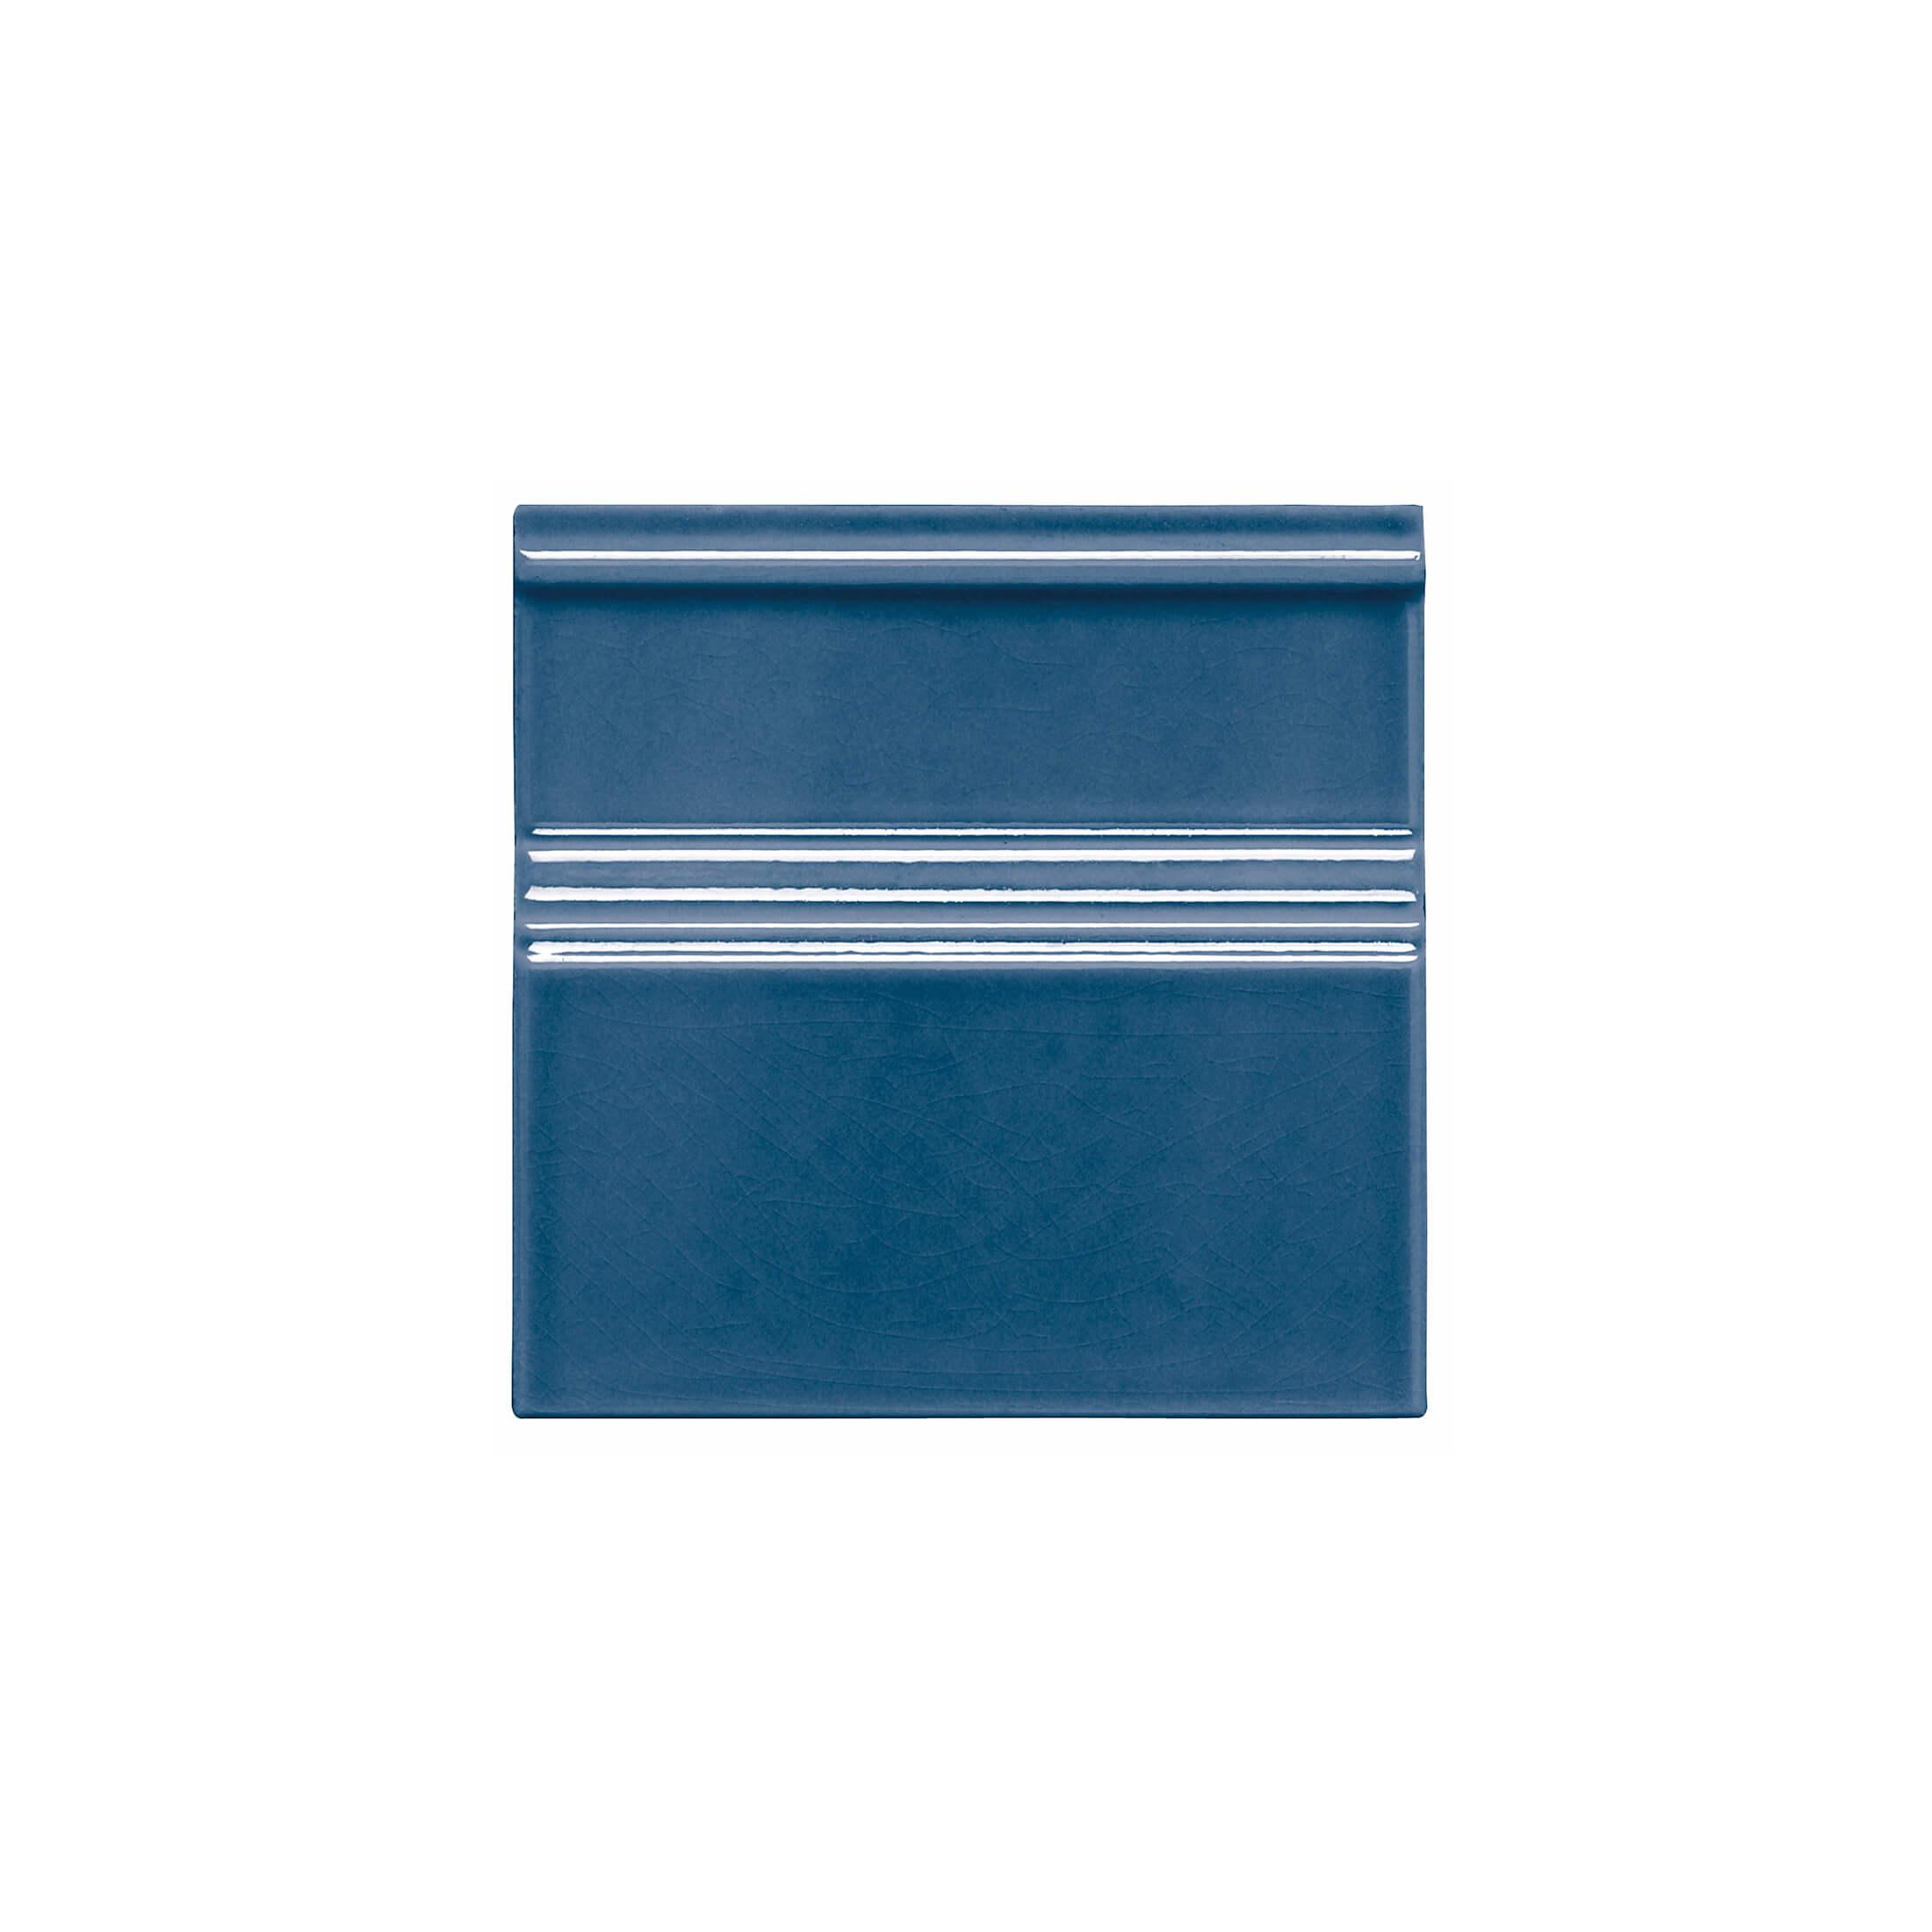 ADMO5206 - RODAPIE CLASICO C/C - 15 cm X 15 cm